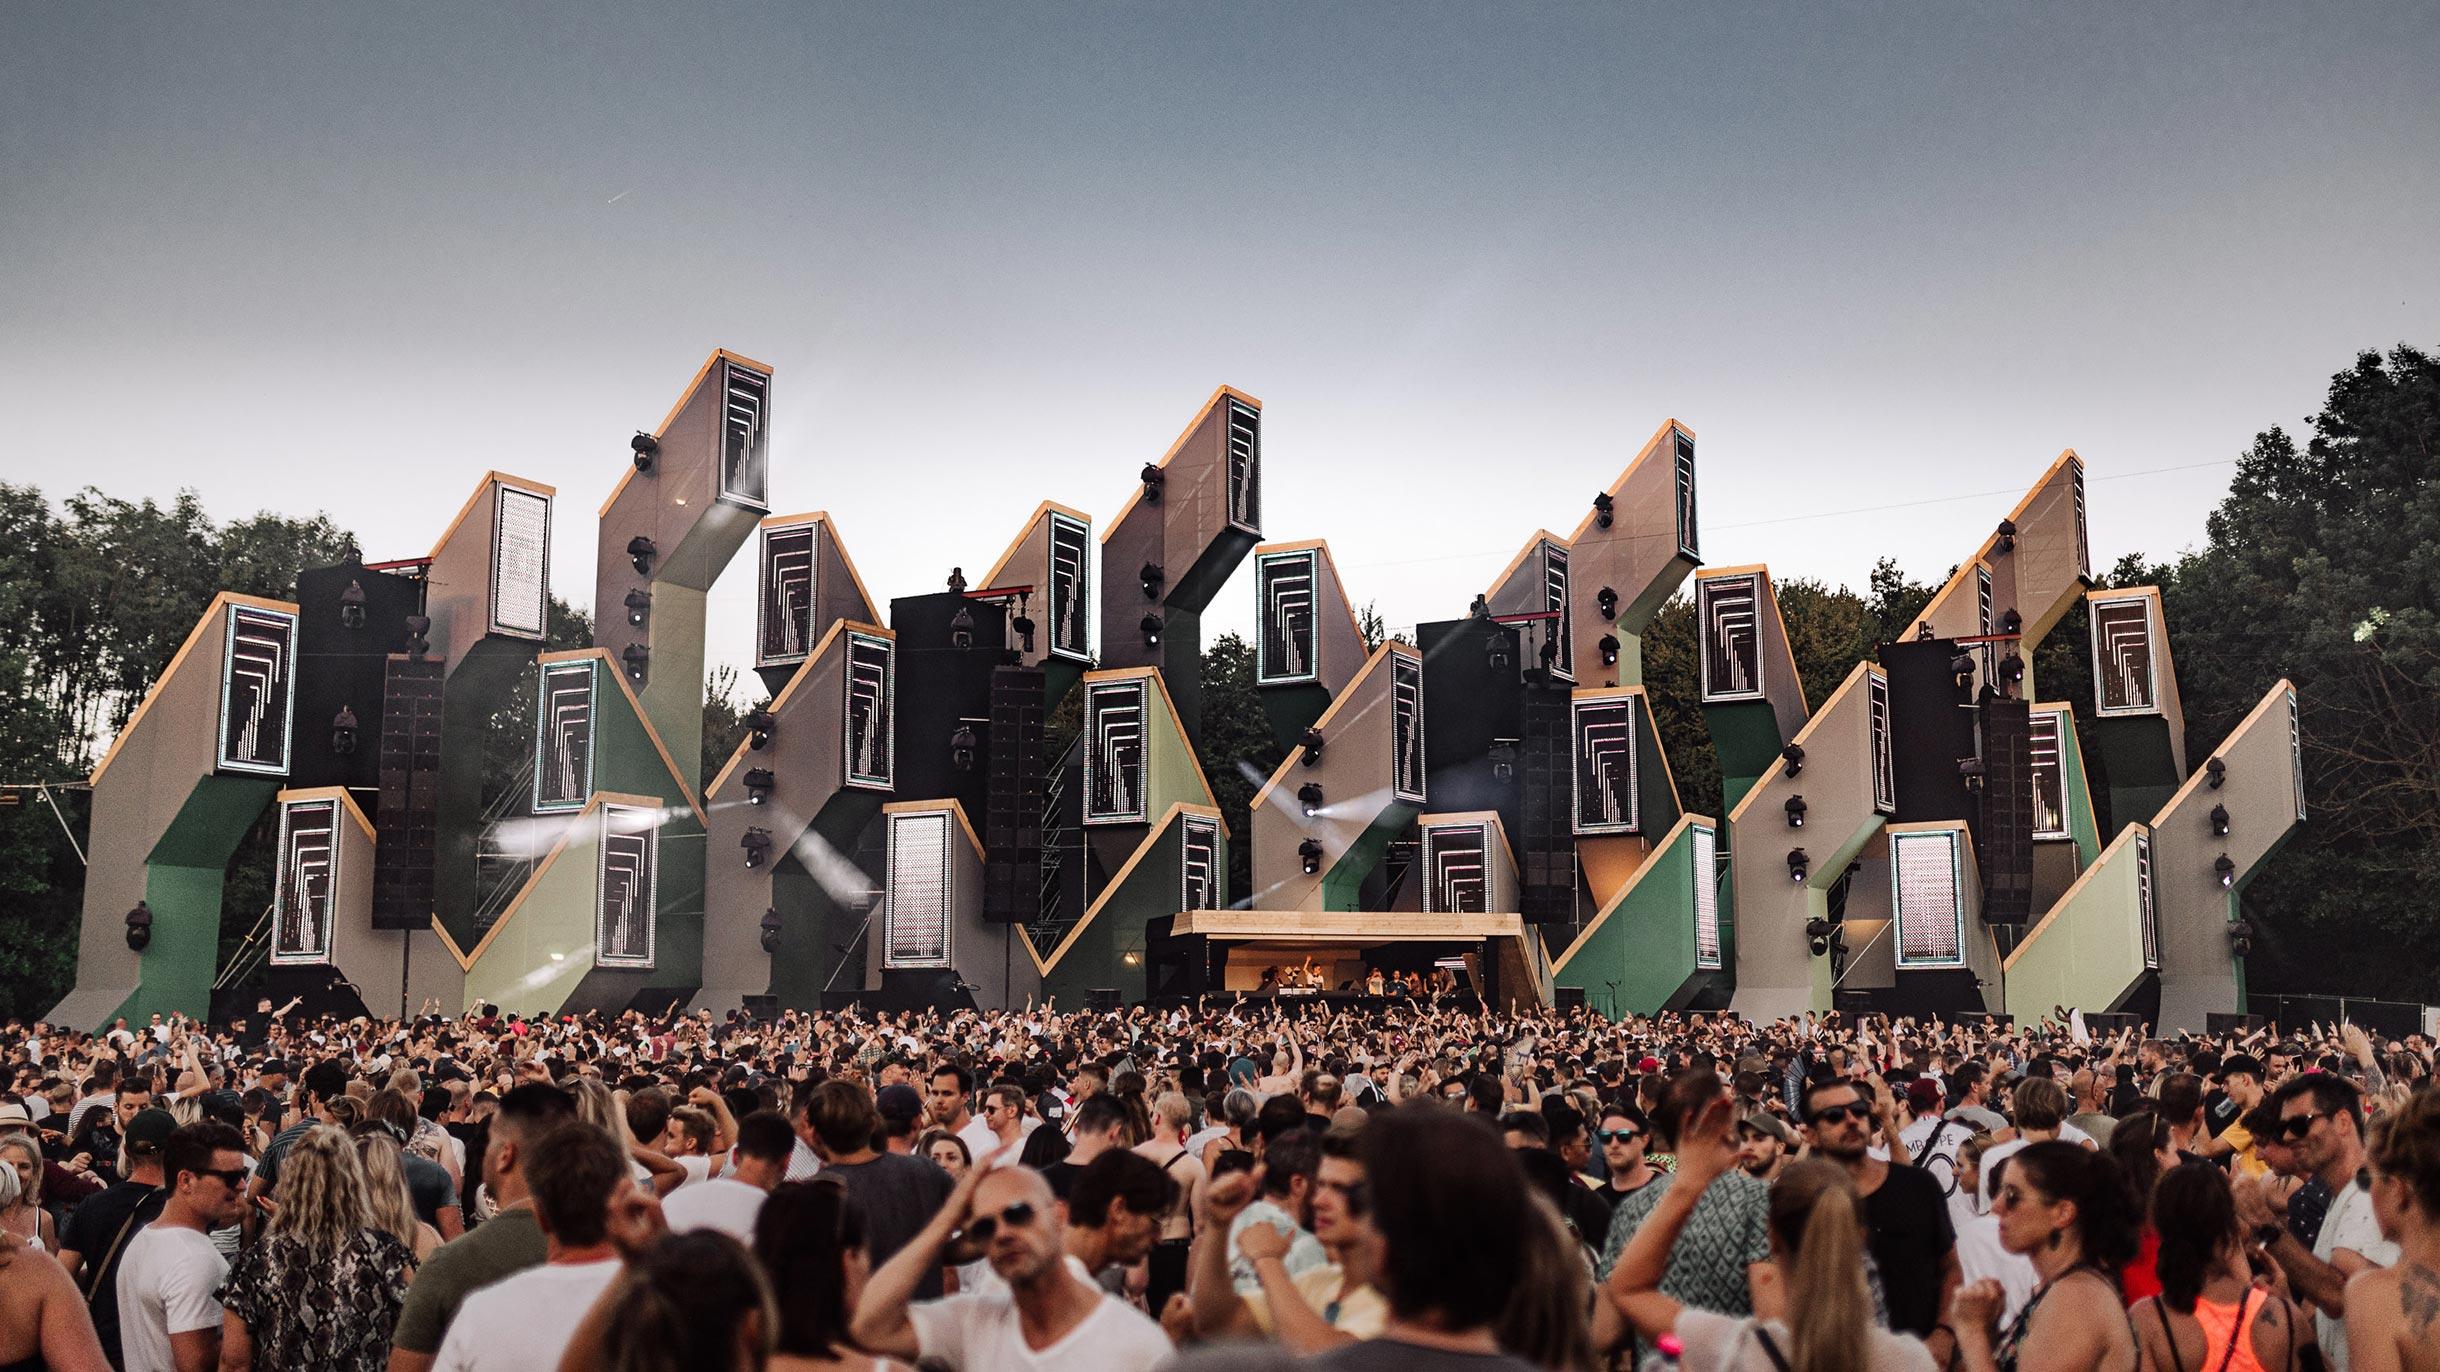 Сколько стоит съездить в Европу на музыкальный фестиваль